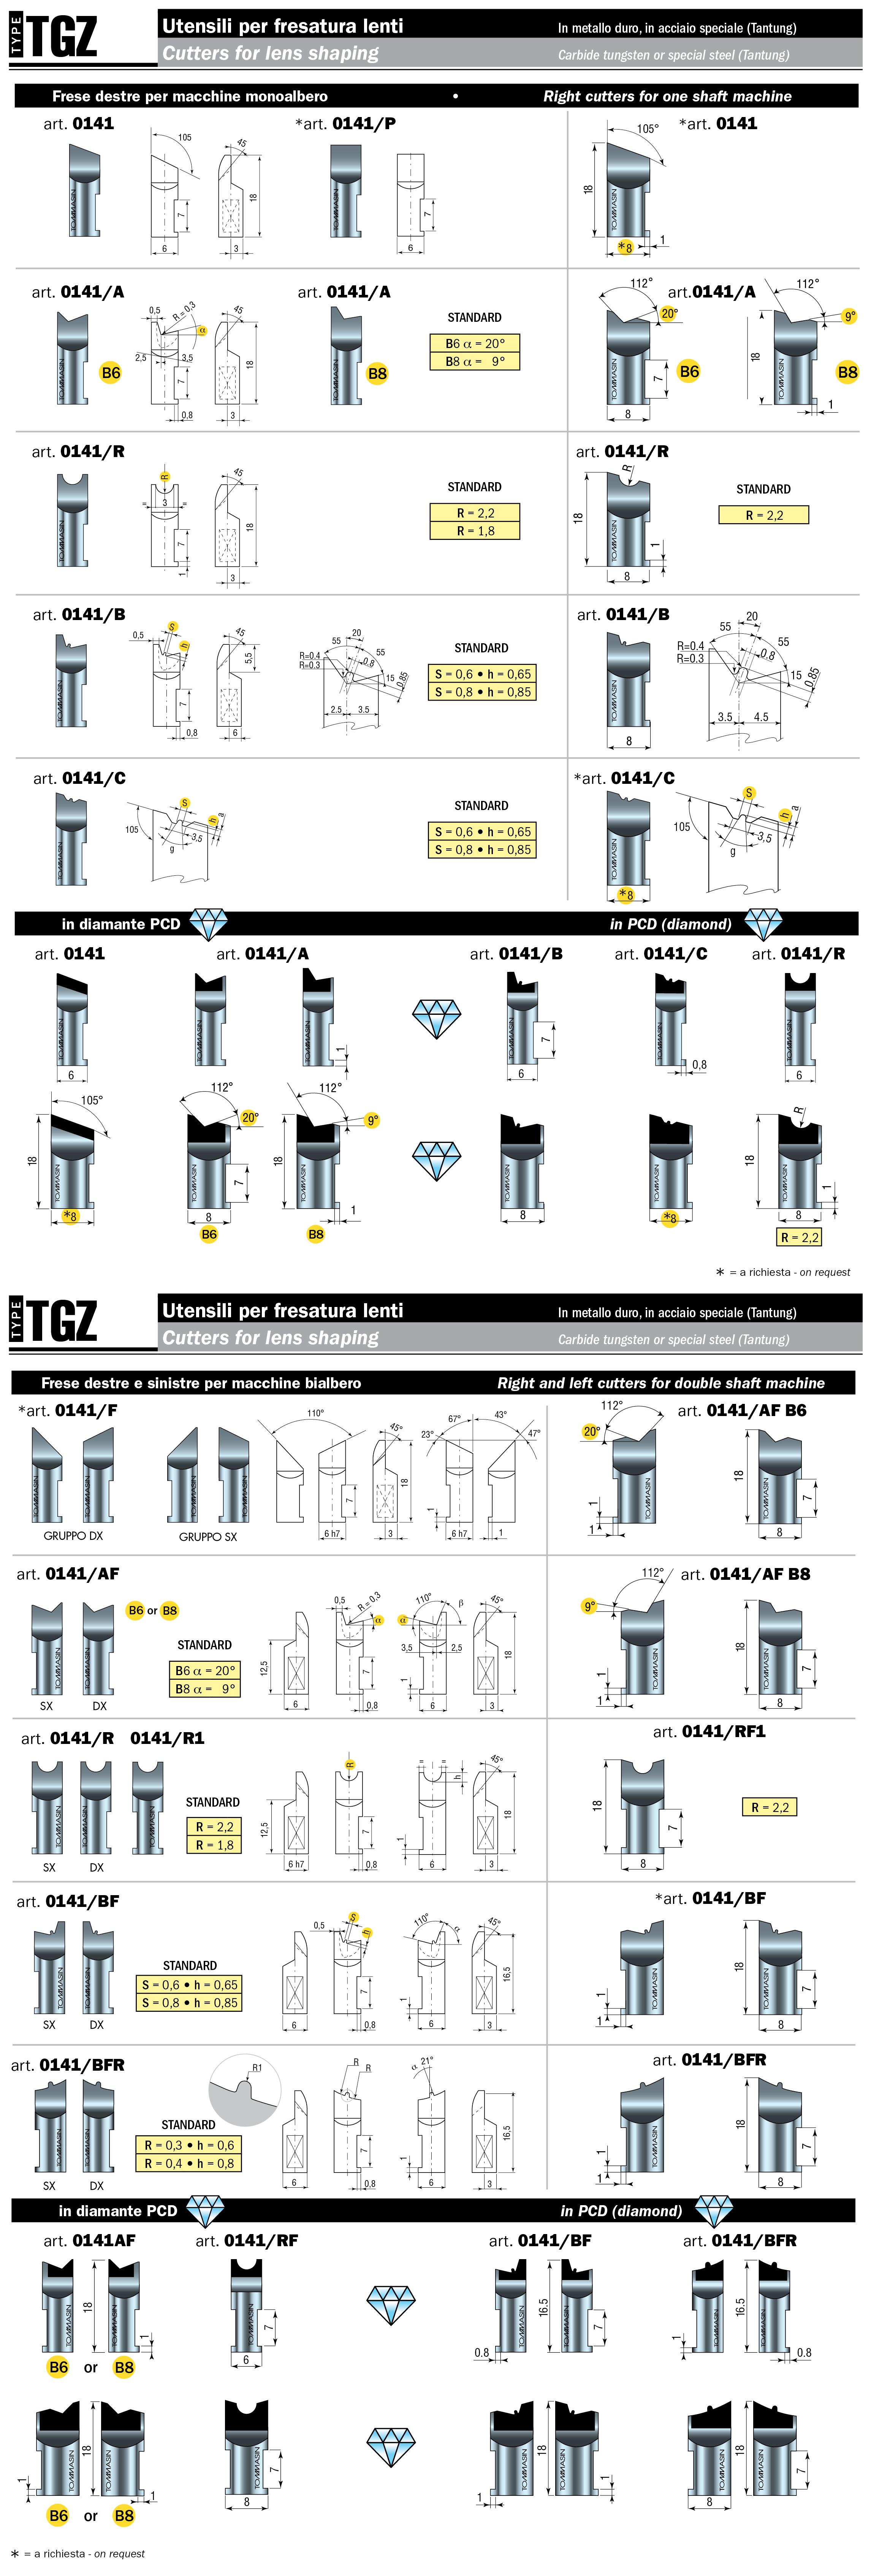 TGZ-0141